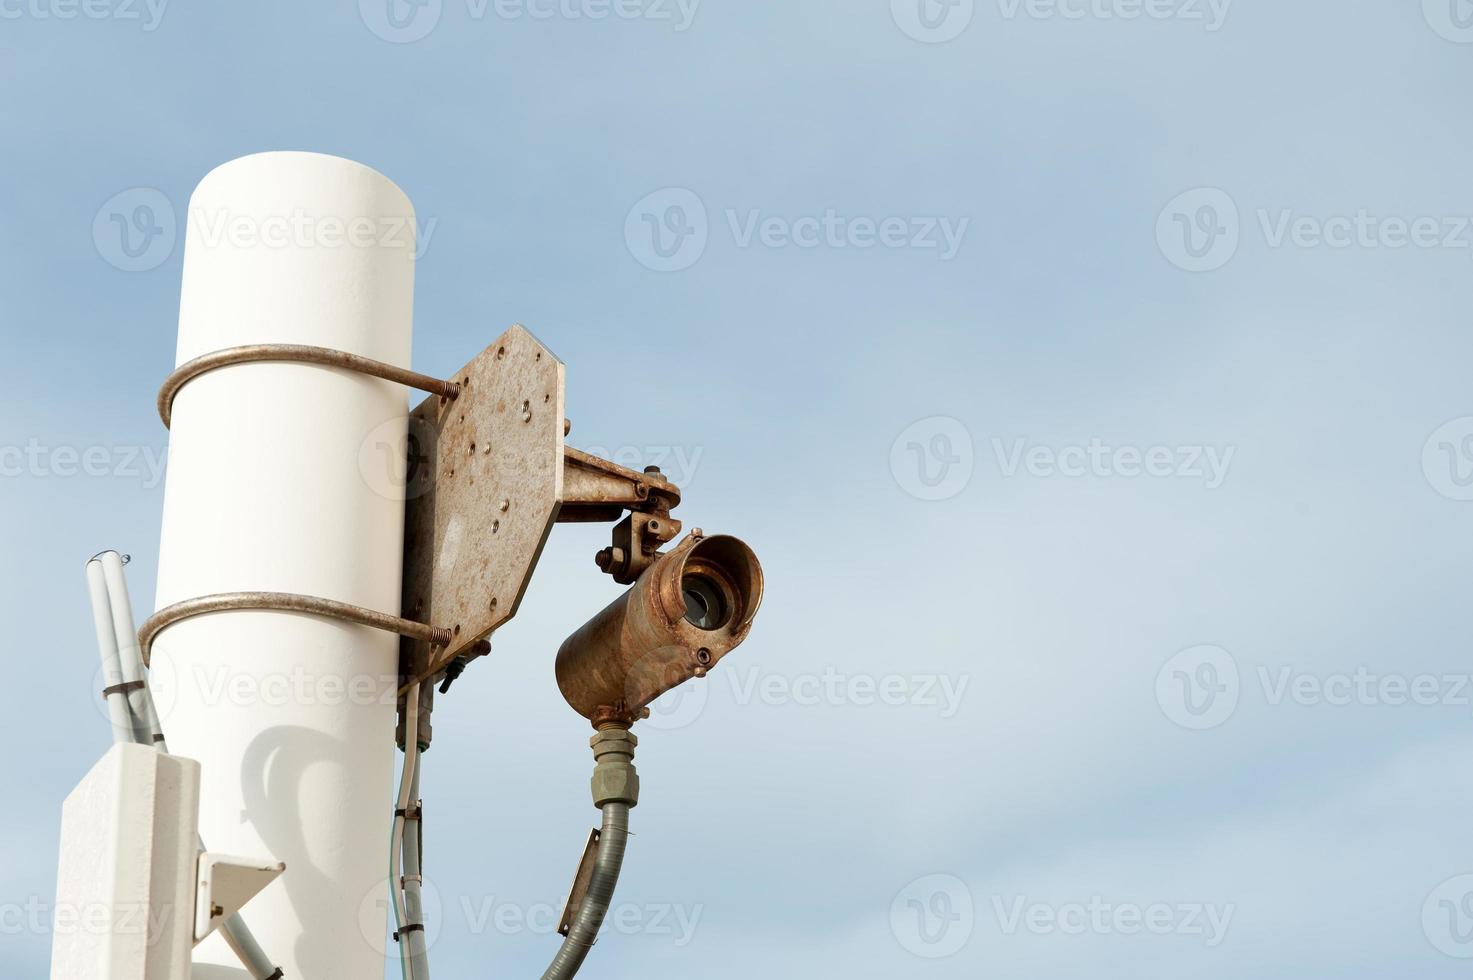 sensor de linha de visão detector frontal de gás foto